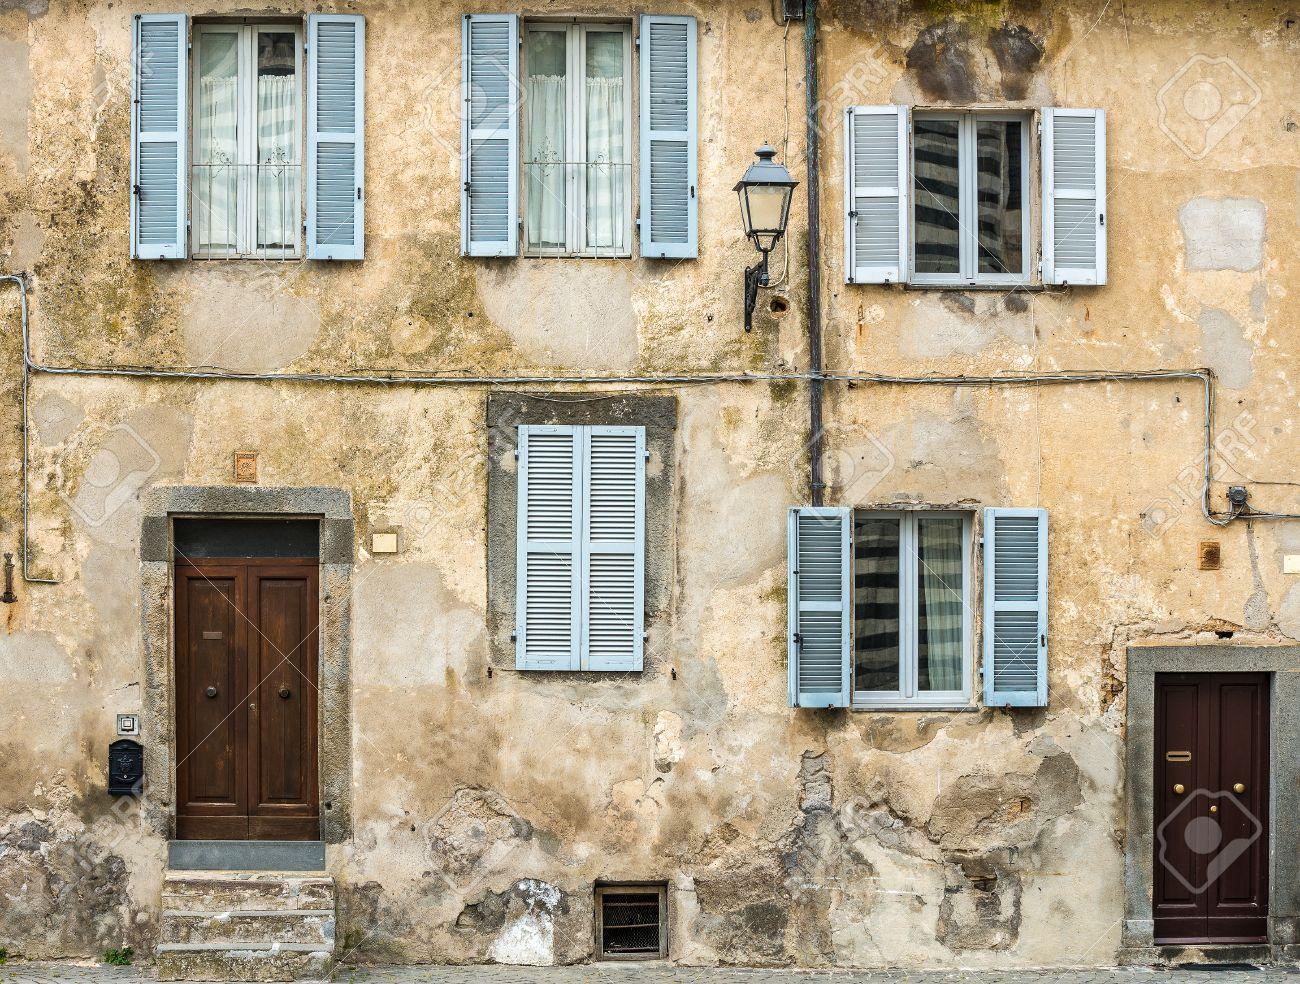 Fachadas De Casas Antiguas Simple Fachada De Casa Estilo Victoriana - Fachadas-antiguas-de-casas